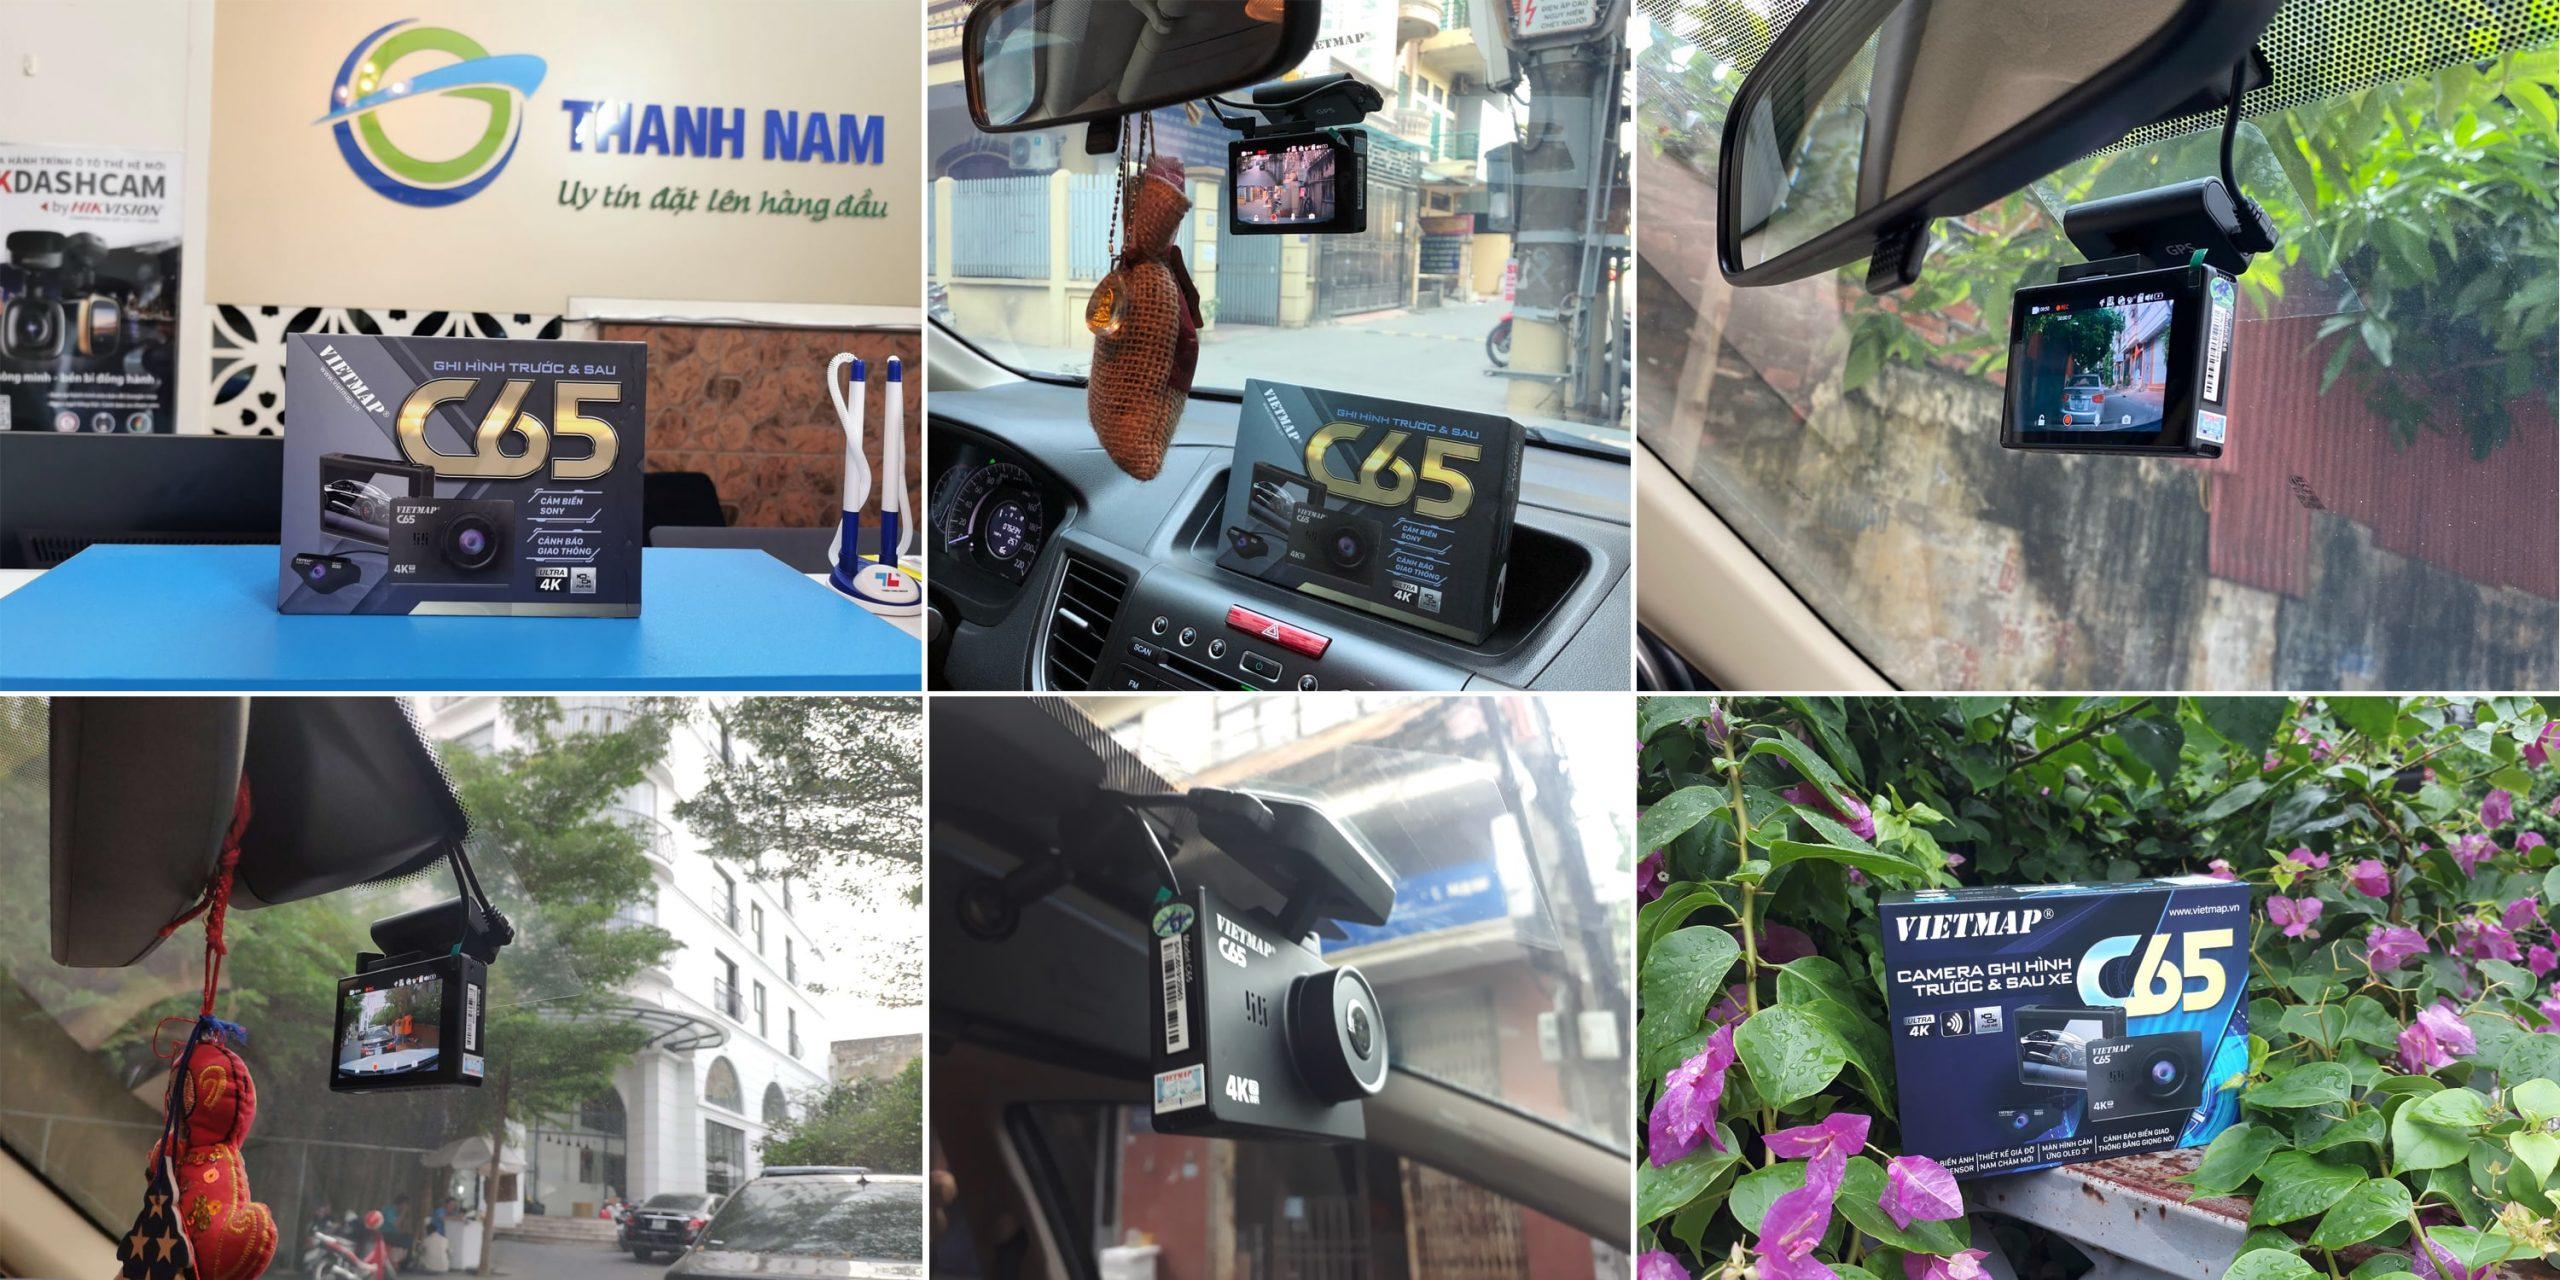 vietmap c65 thành nam gps thế giới nội thất ô tô